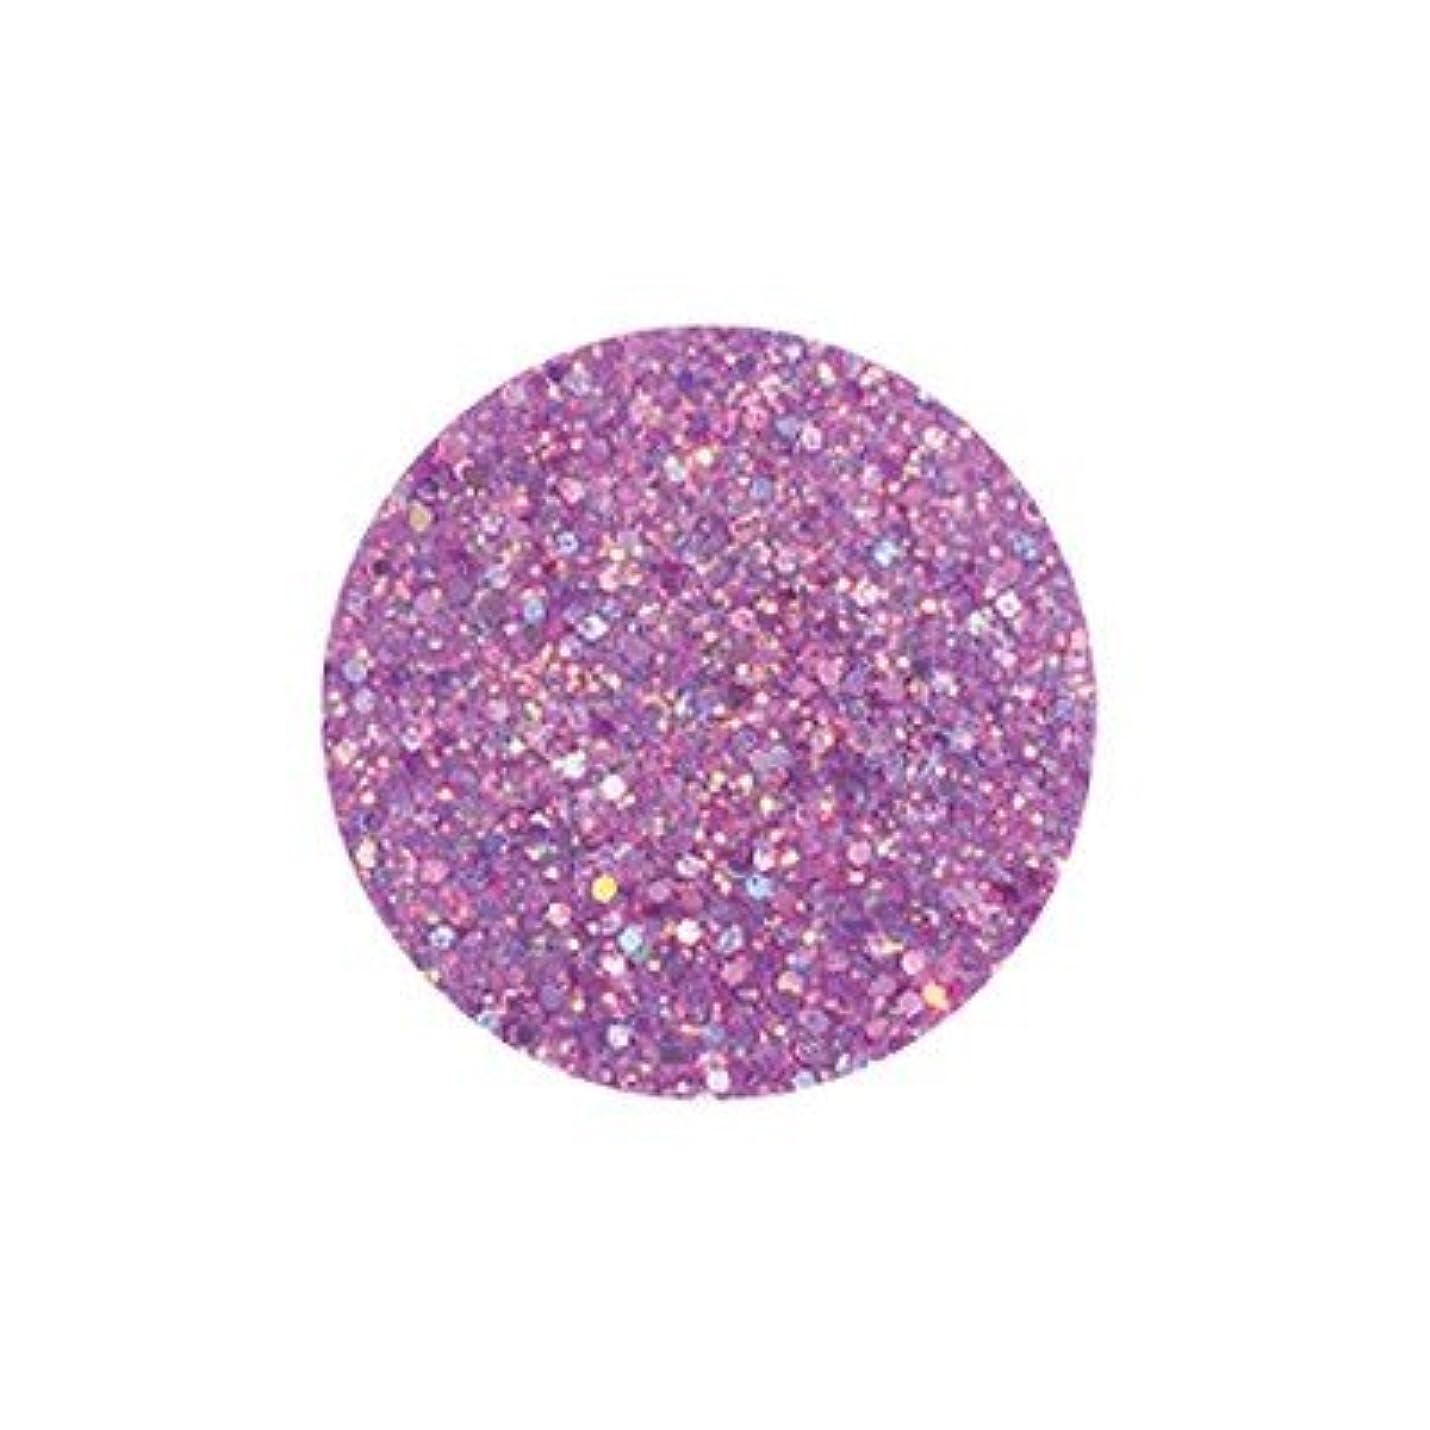 空いている雷雨孤児FANTASY NAIL ダイヤモンドコレクション 3g 4258XS カラーパウダー アート材